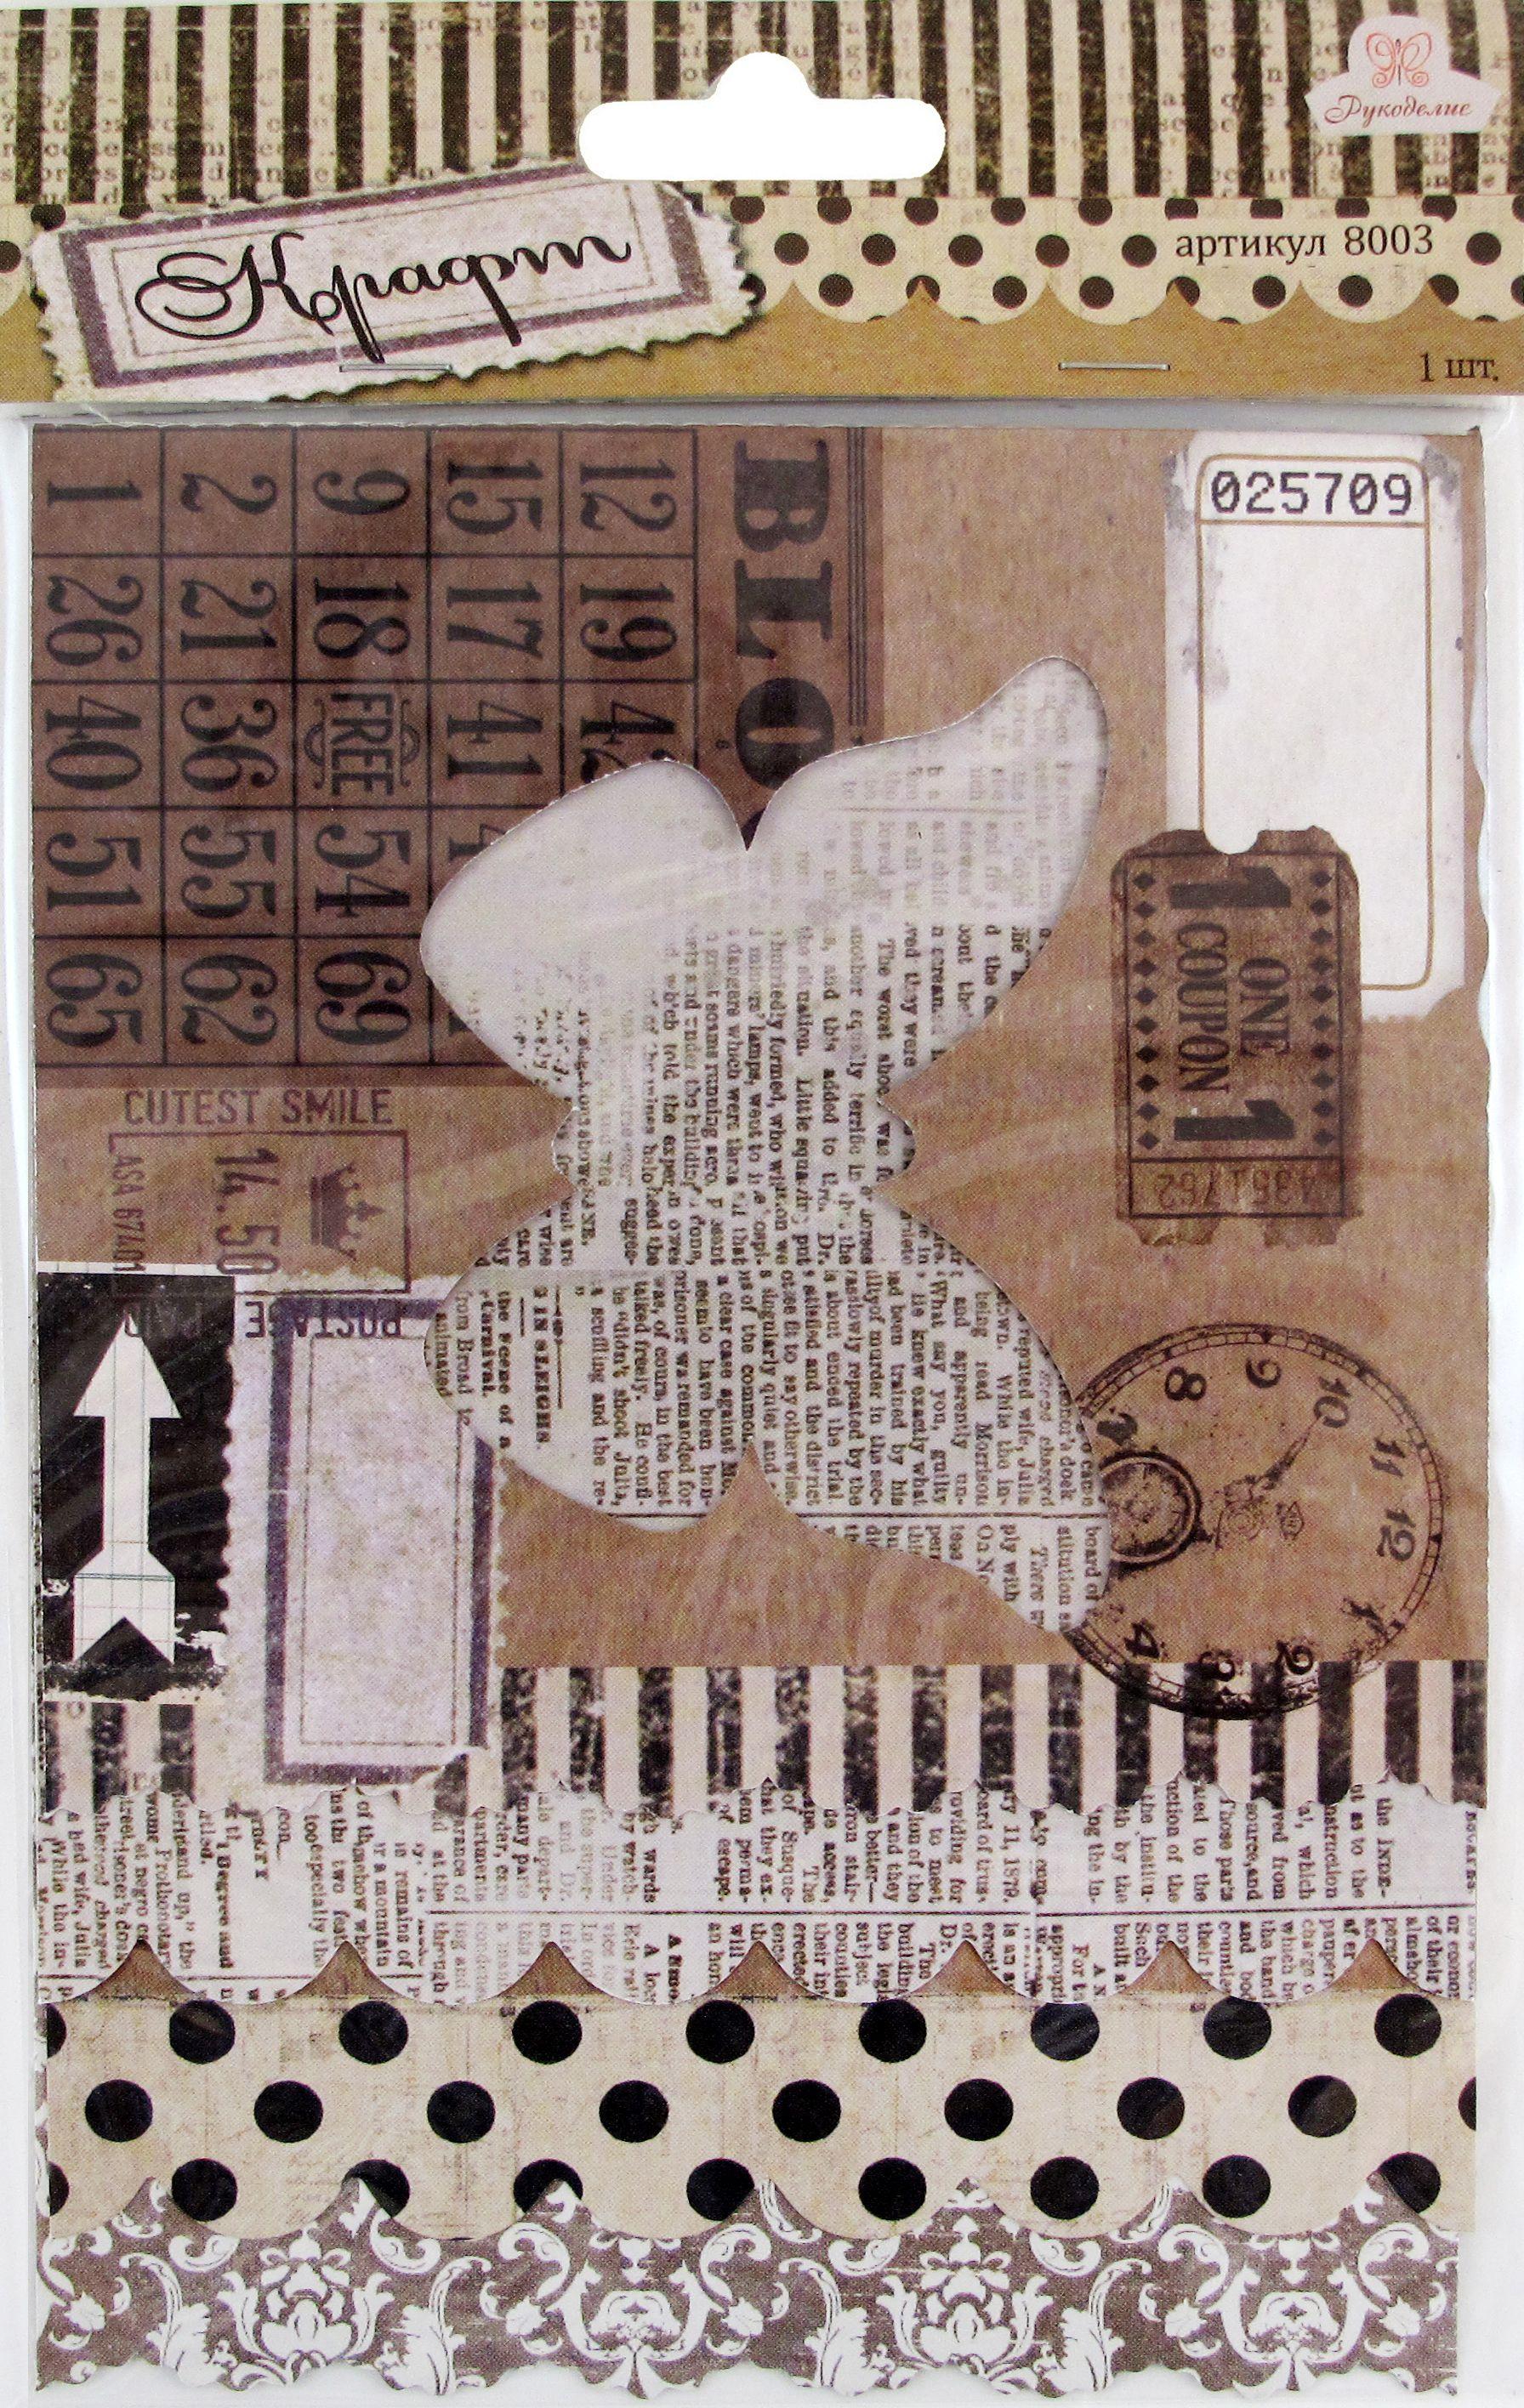 8047 Мини-альбом 'Весеннее настроение' 11,5*16,5см